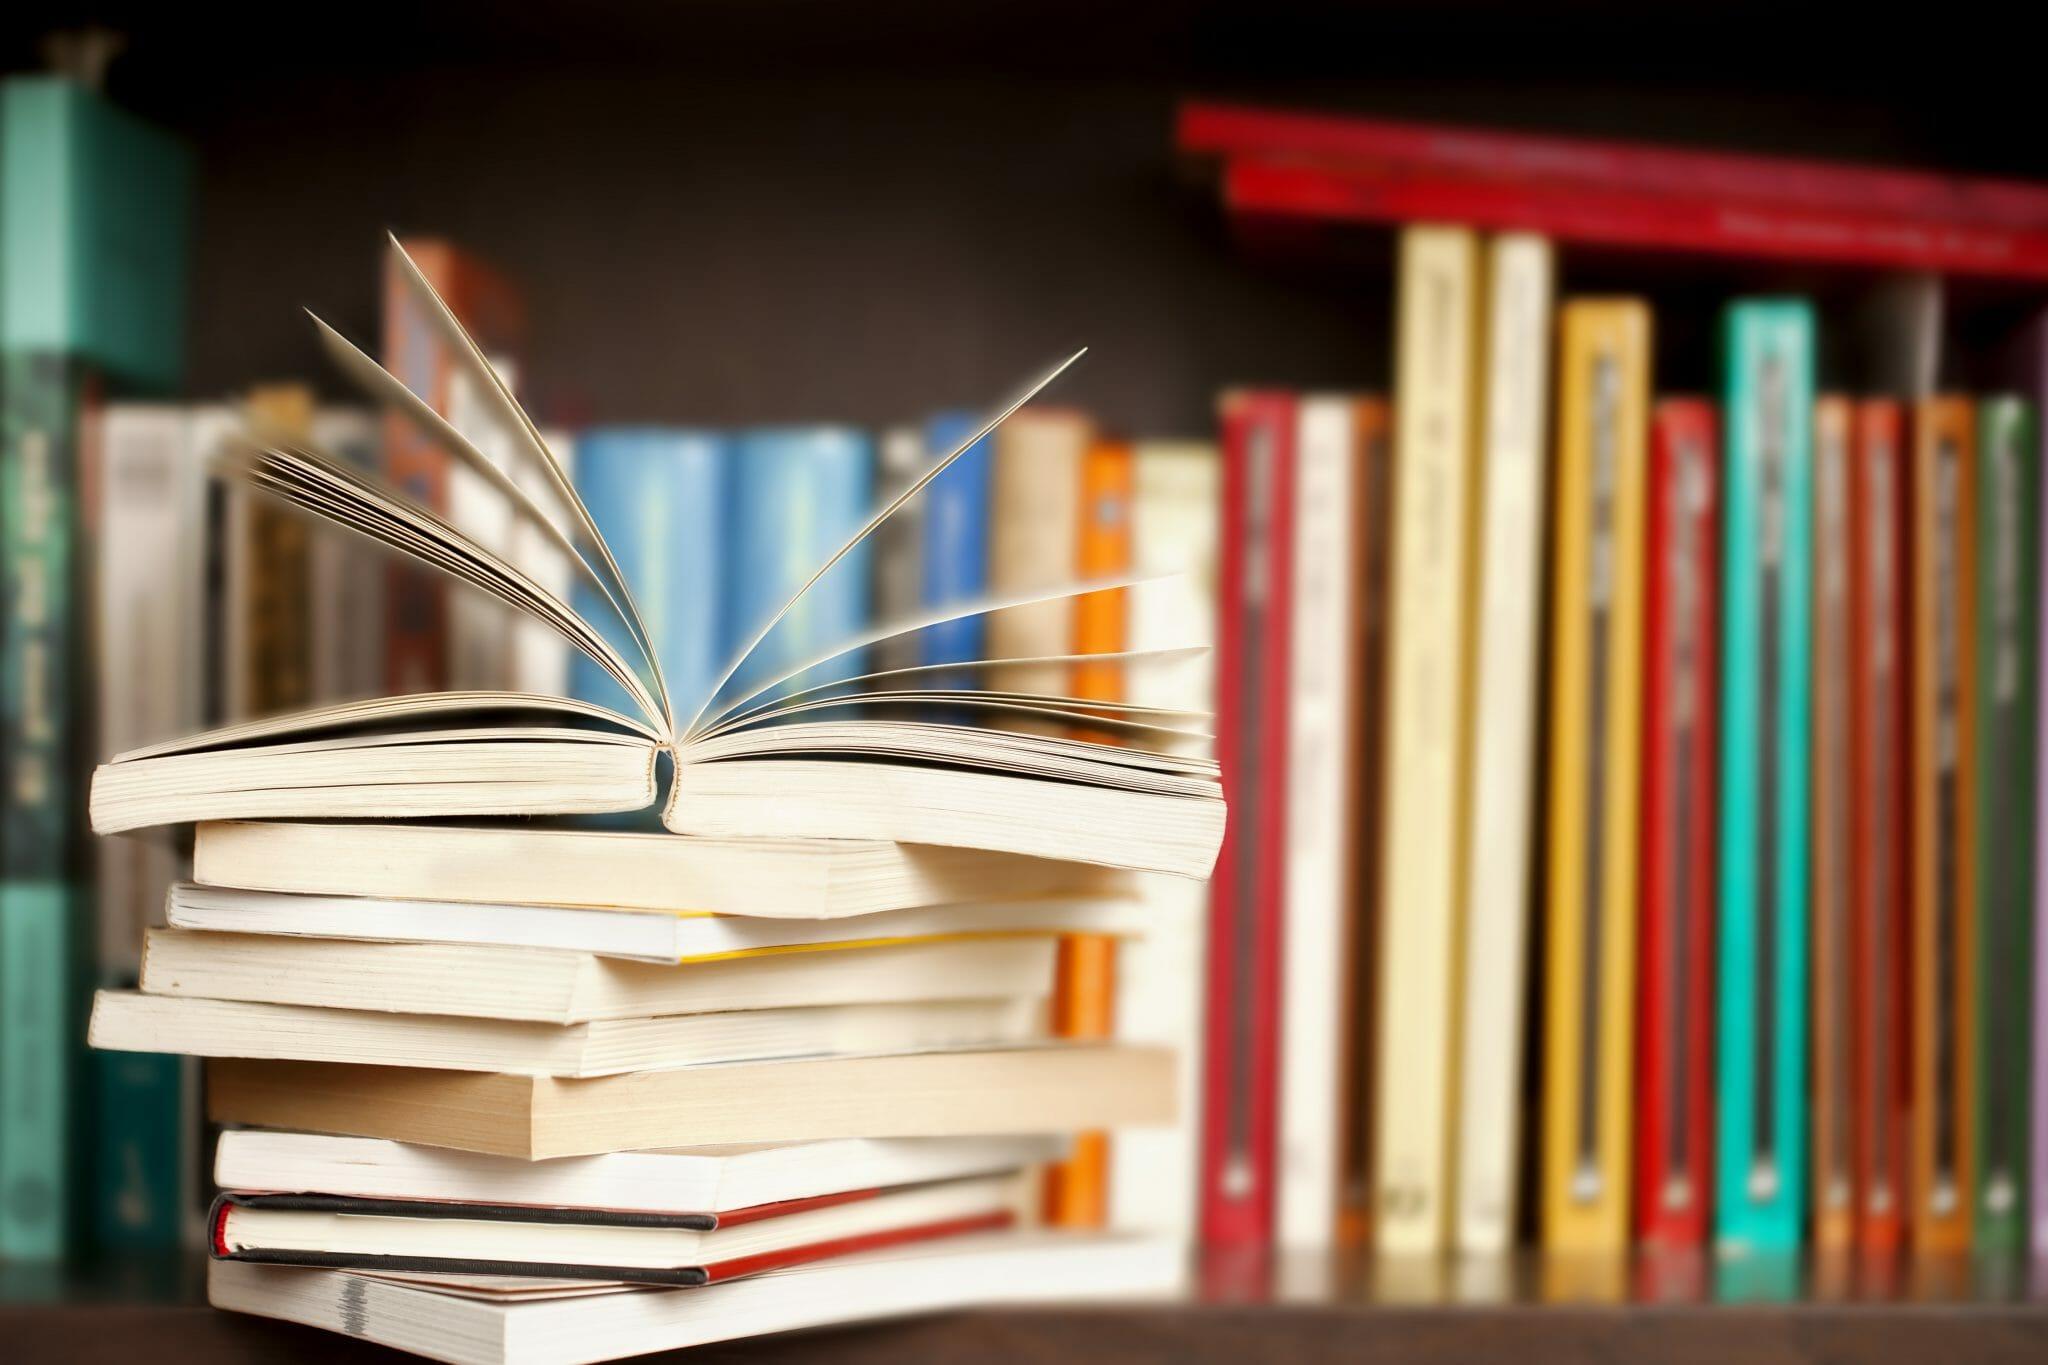 Quei lettori che accumulano i libri ovunque, perfino in bagno